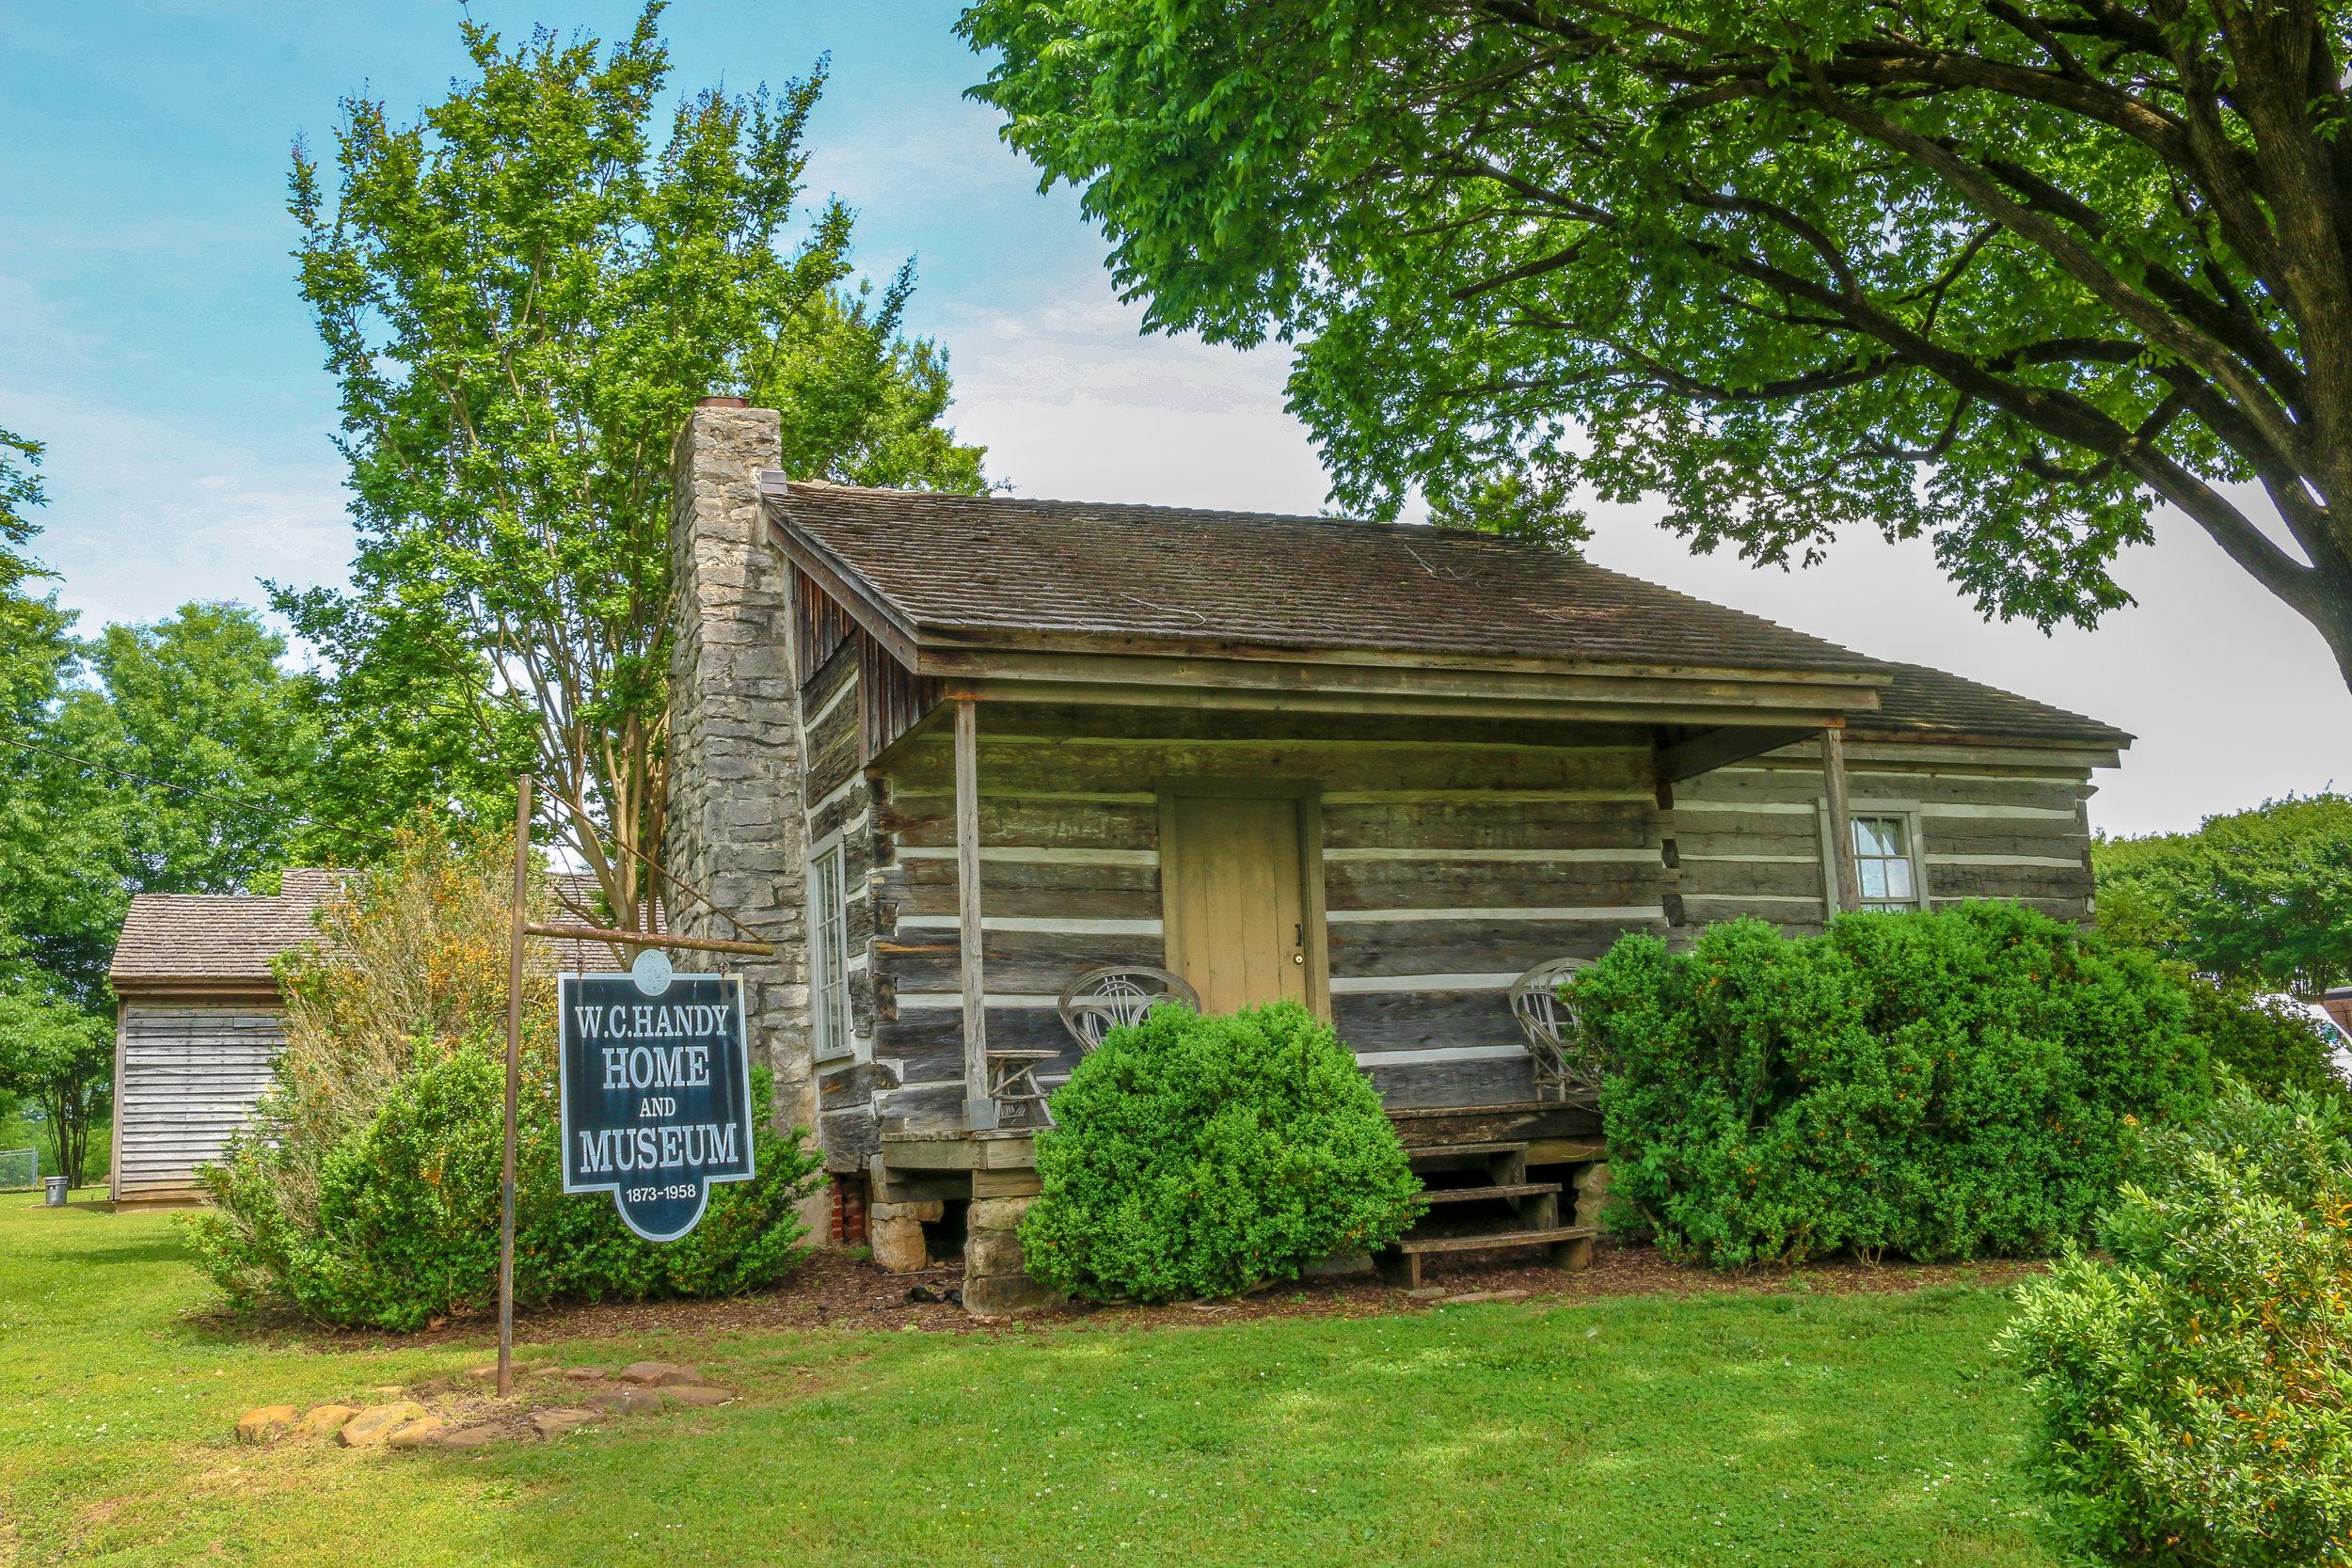 W.C. Handy's Birthplace